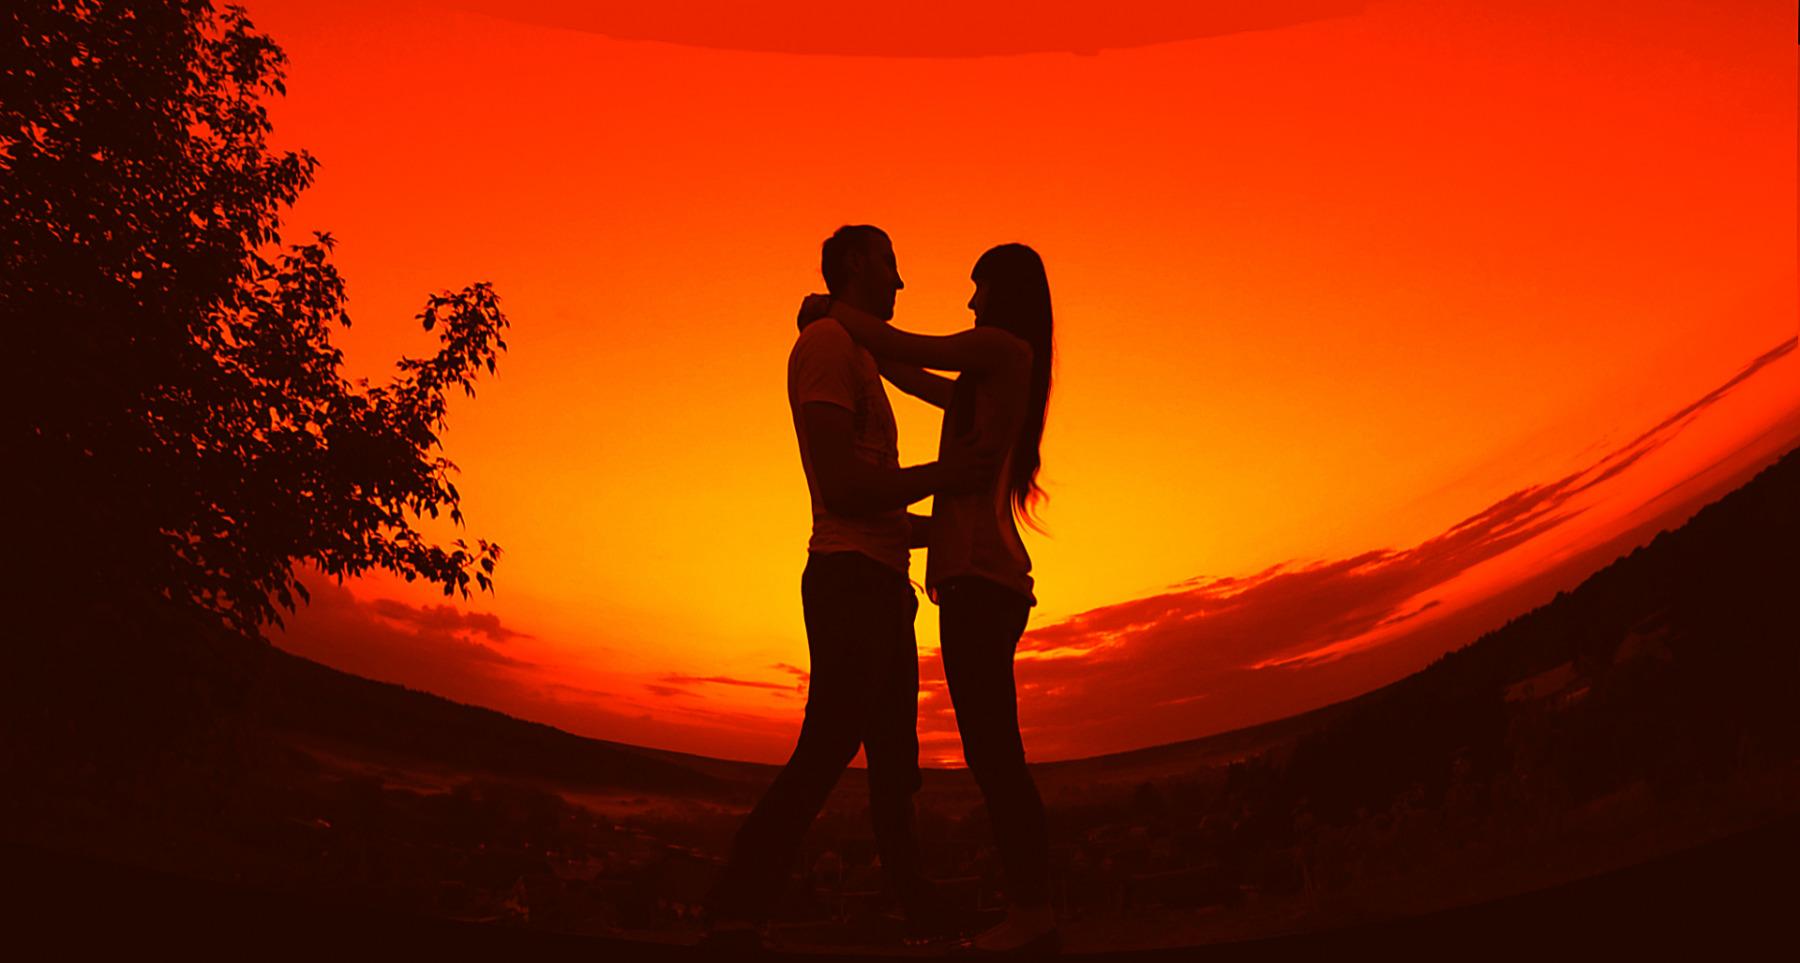 химический состав признание в любви любимой фото моя шепчу ветру